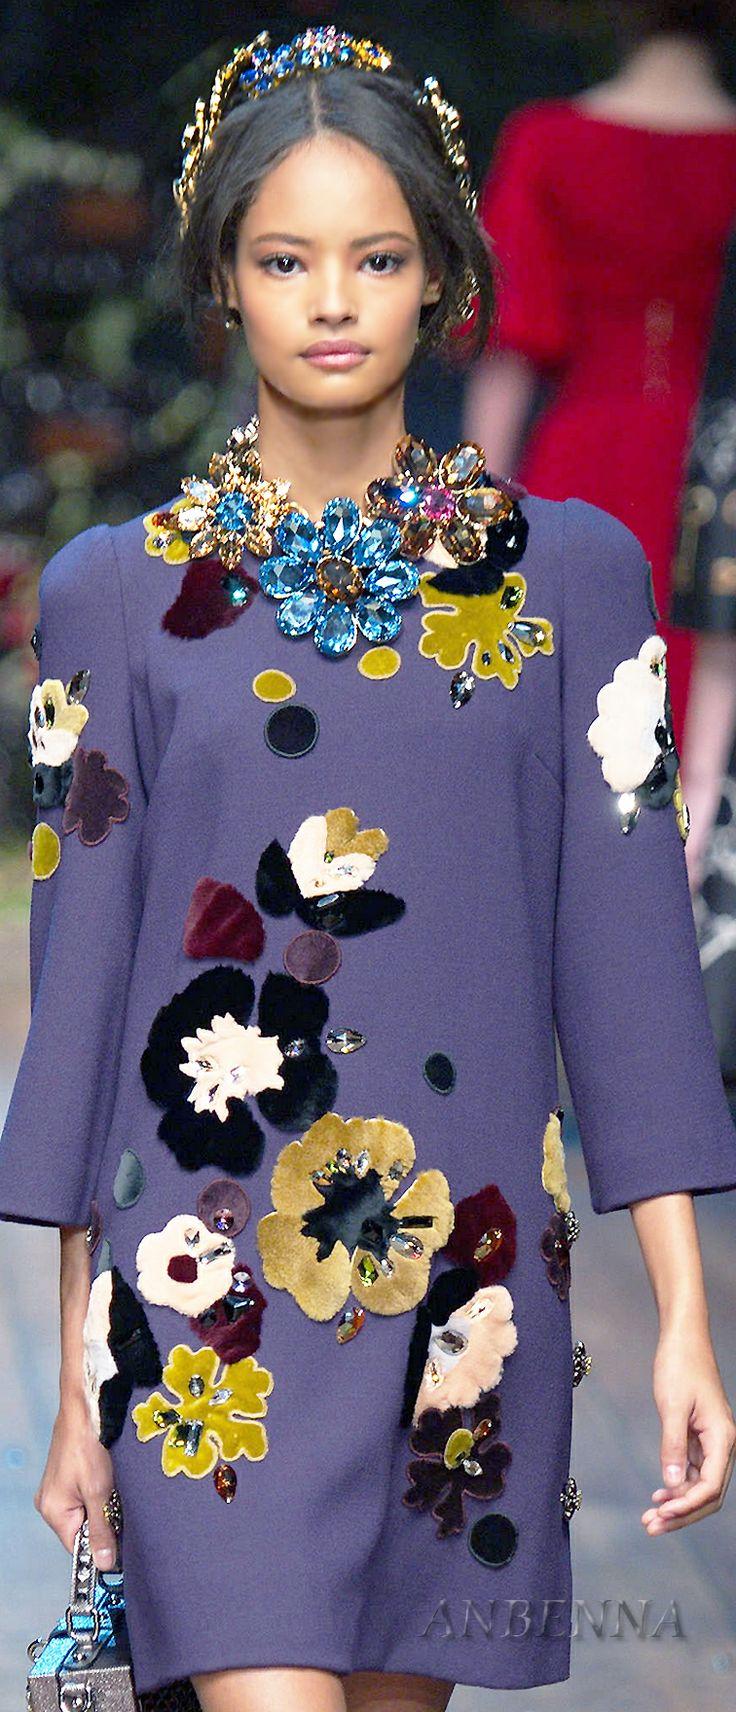 D&G fw14 Repinned by www.fashion.net